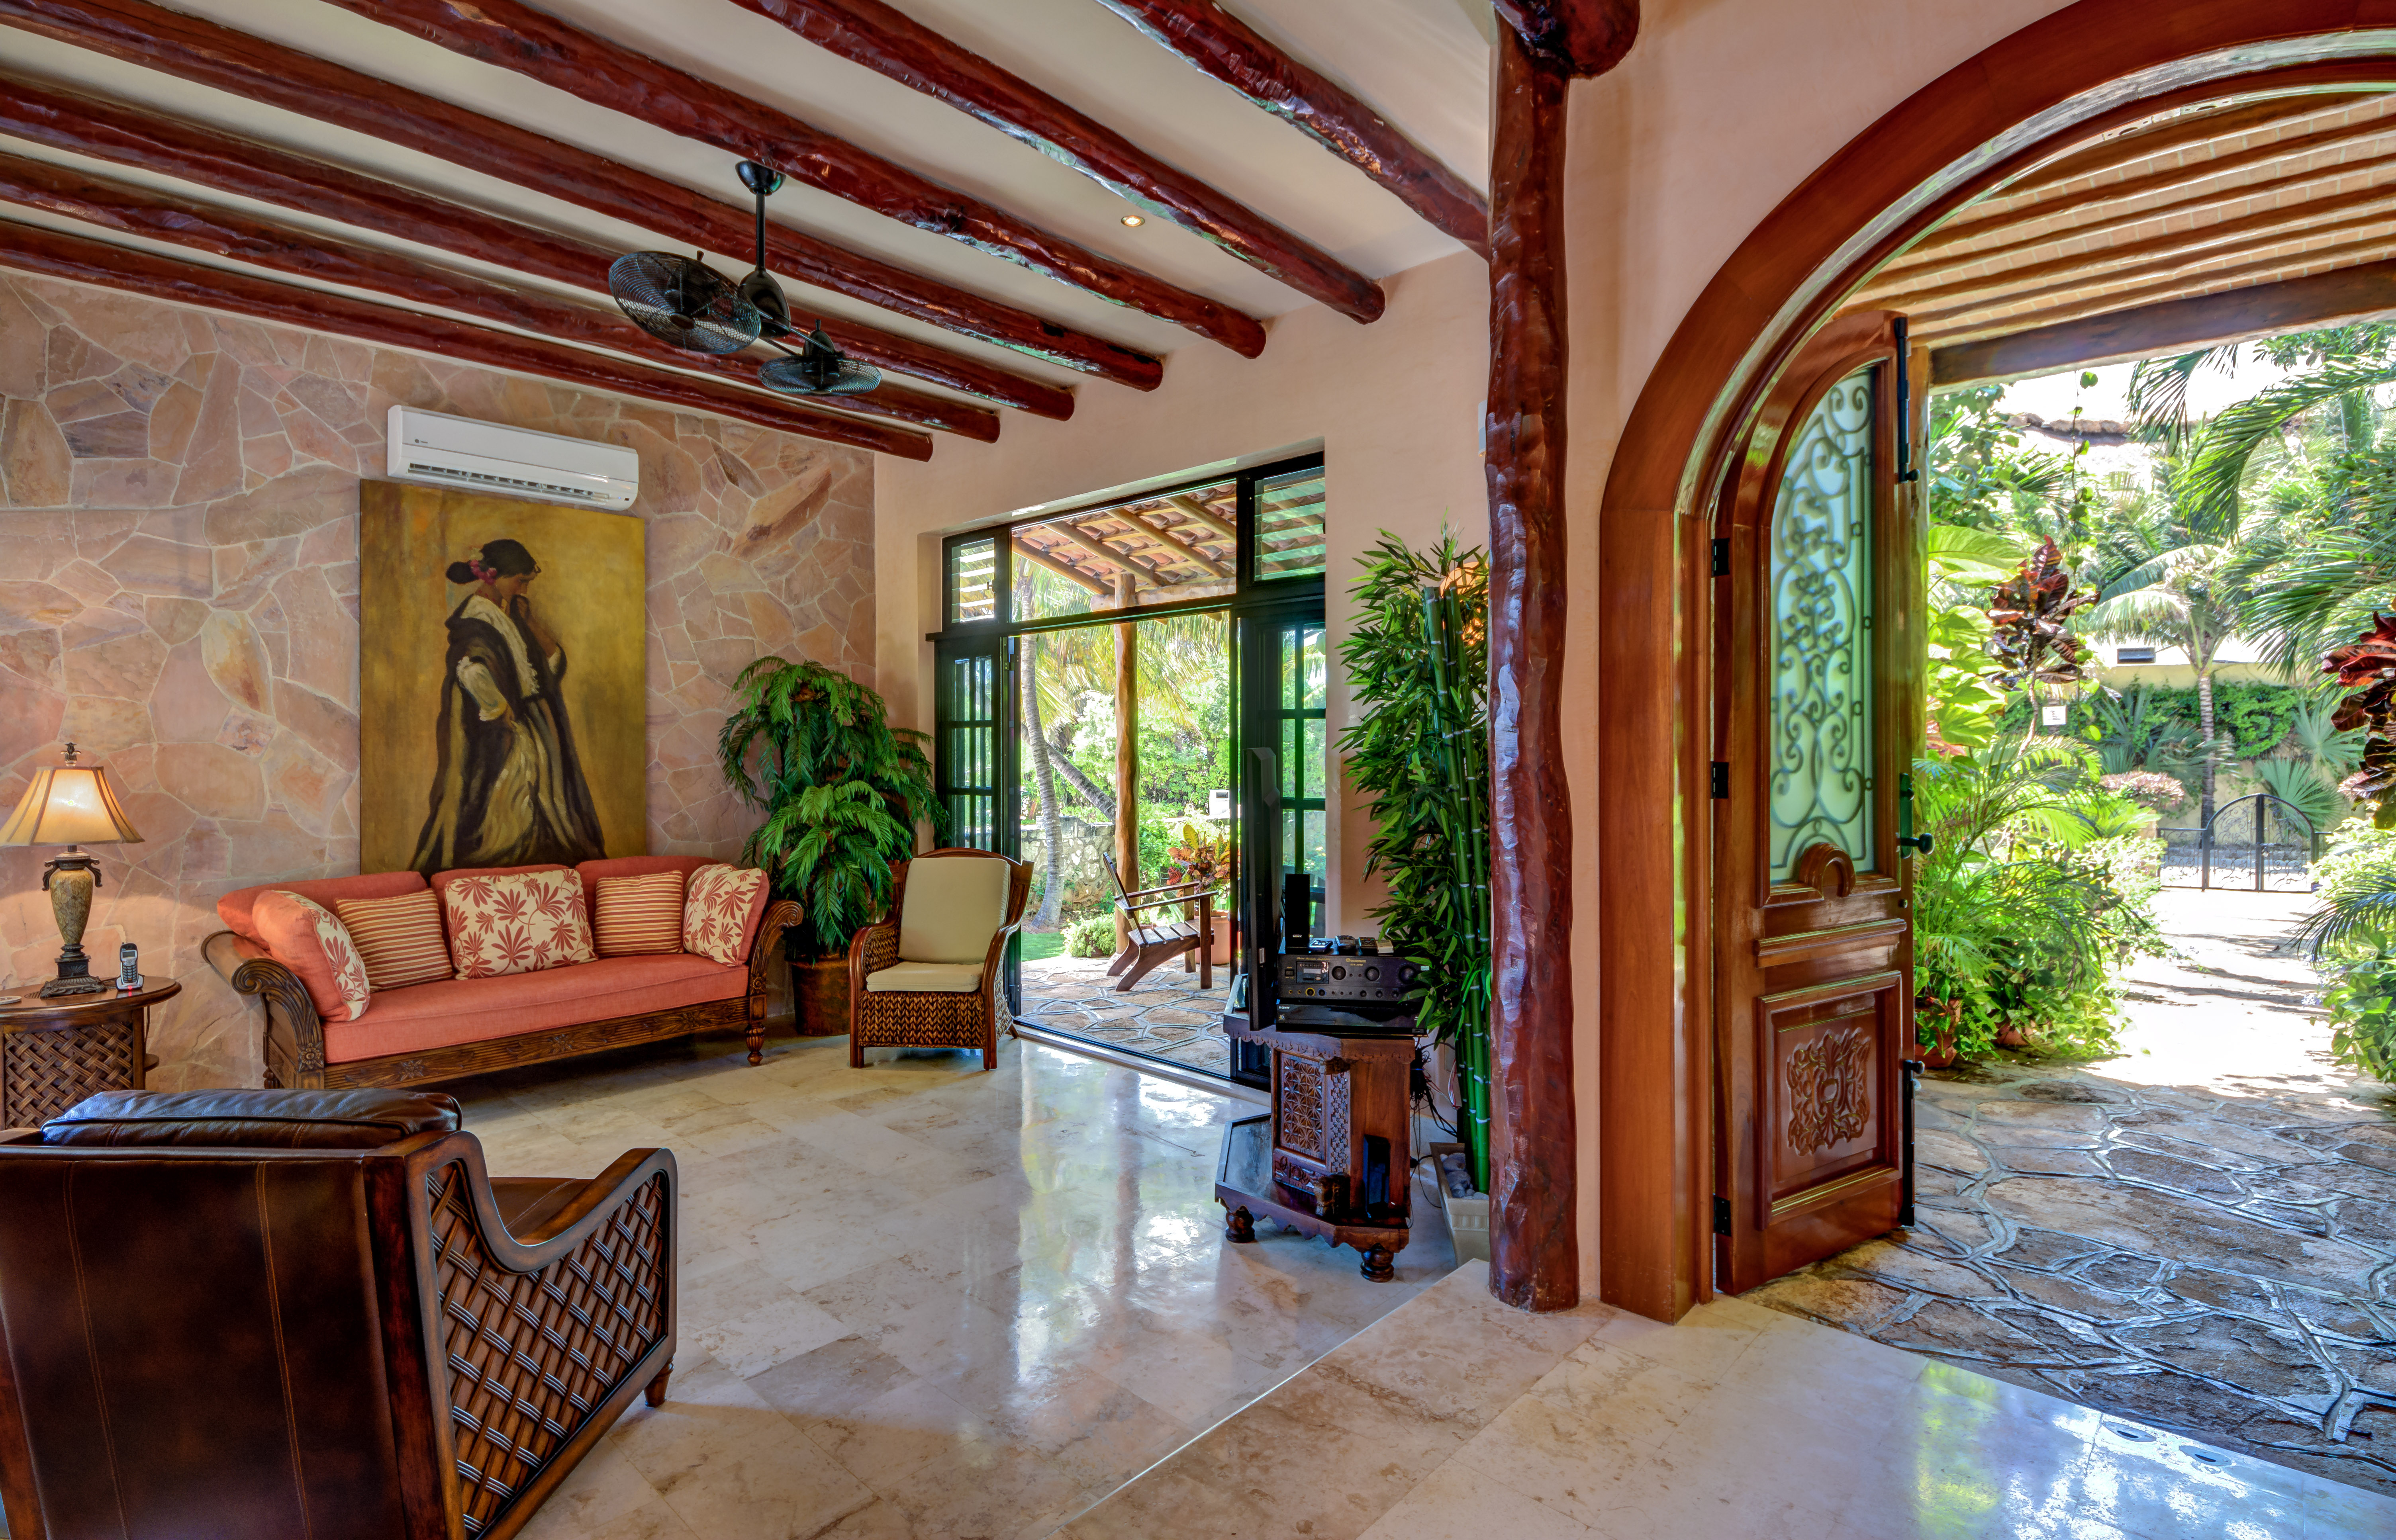 Casa_Juanita_yourescape_Playa_del_Carmen_Riviera_Maya_Mexico15